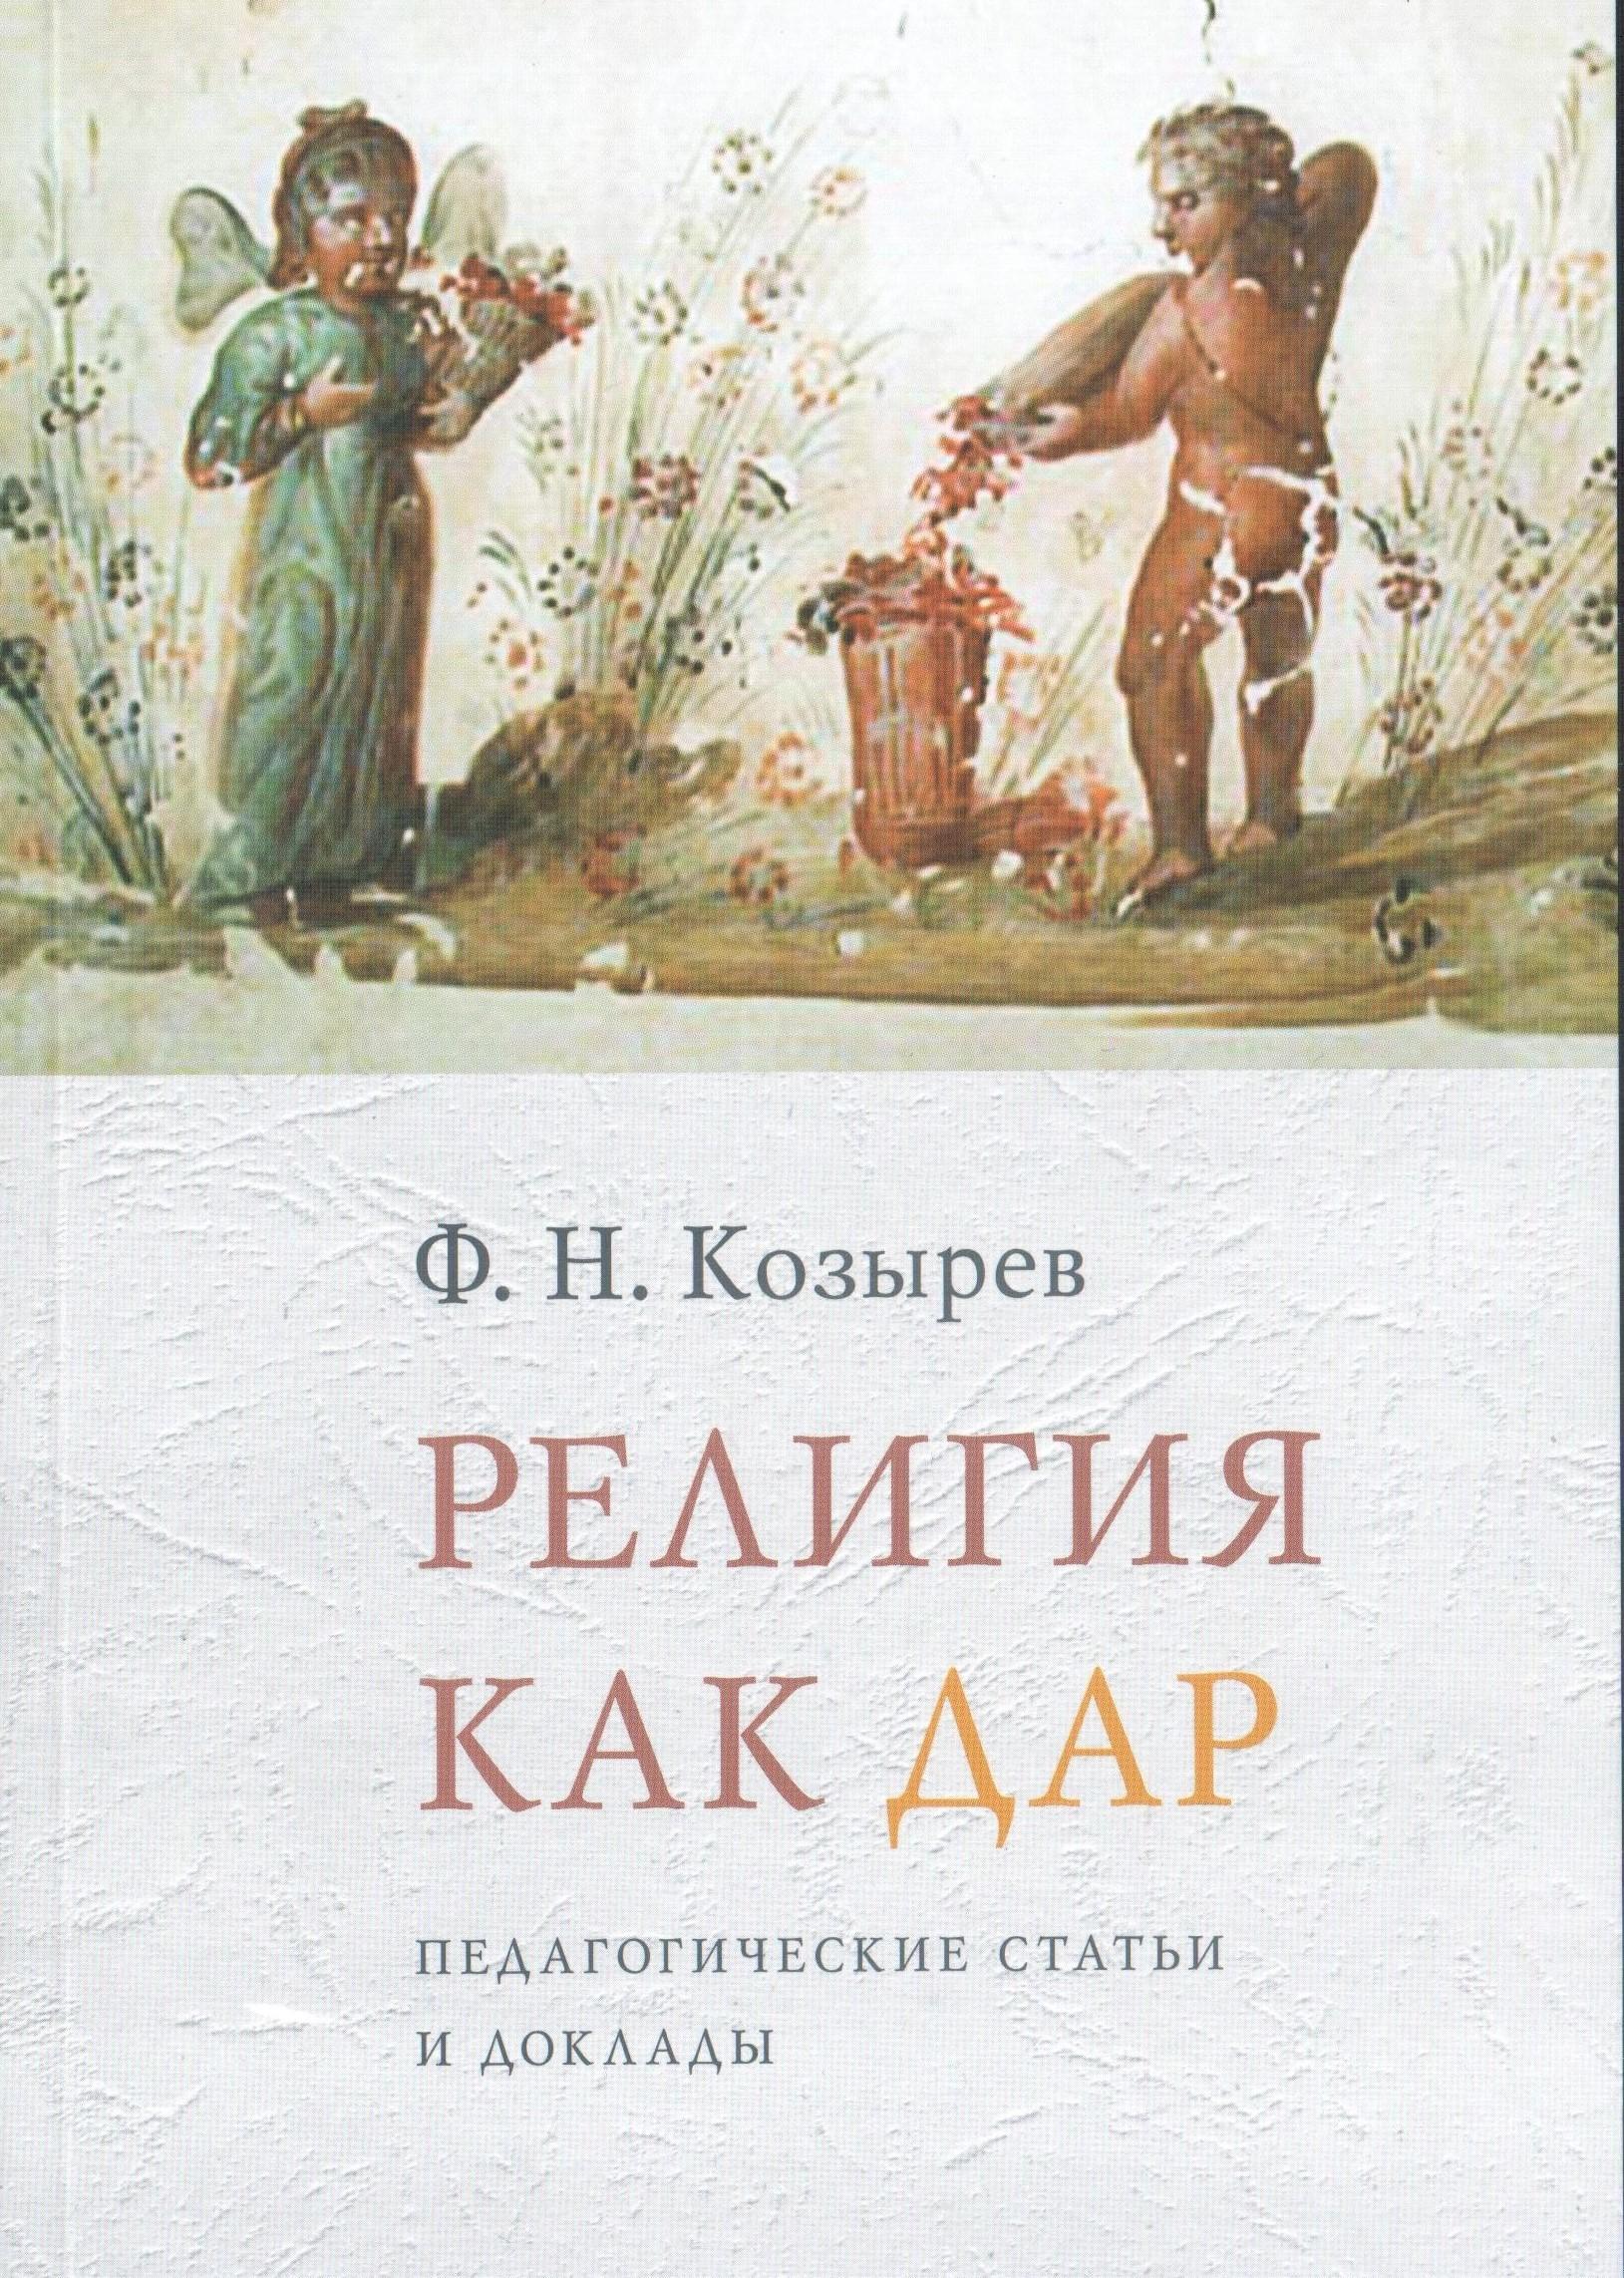 Ф.Н. Козырев. Религия как дар